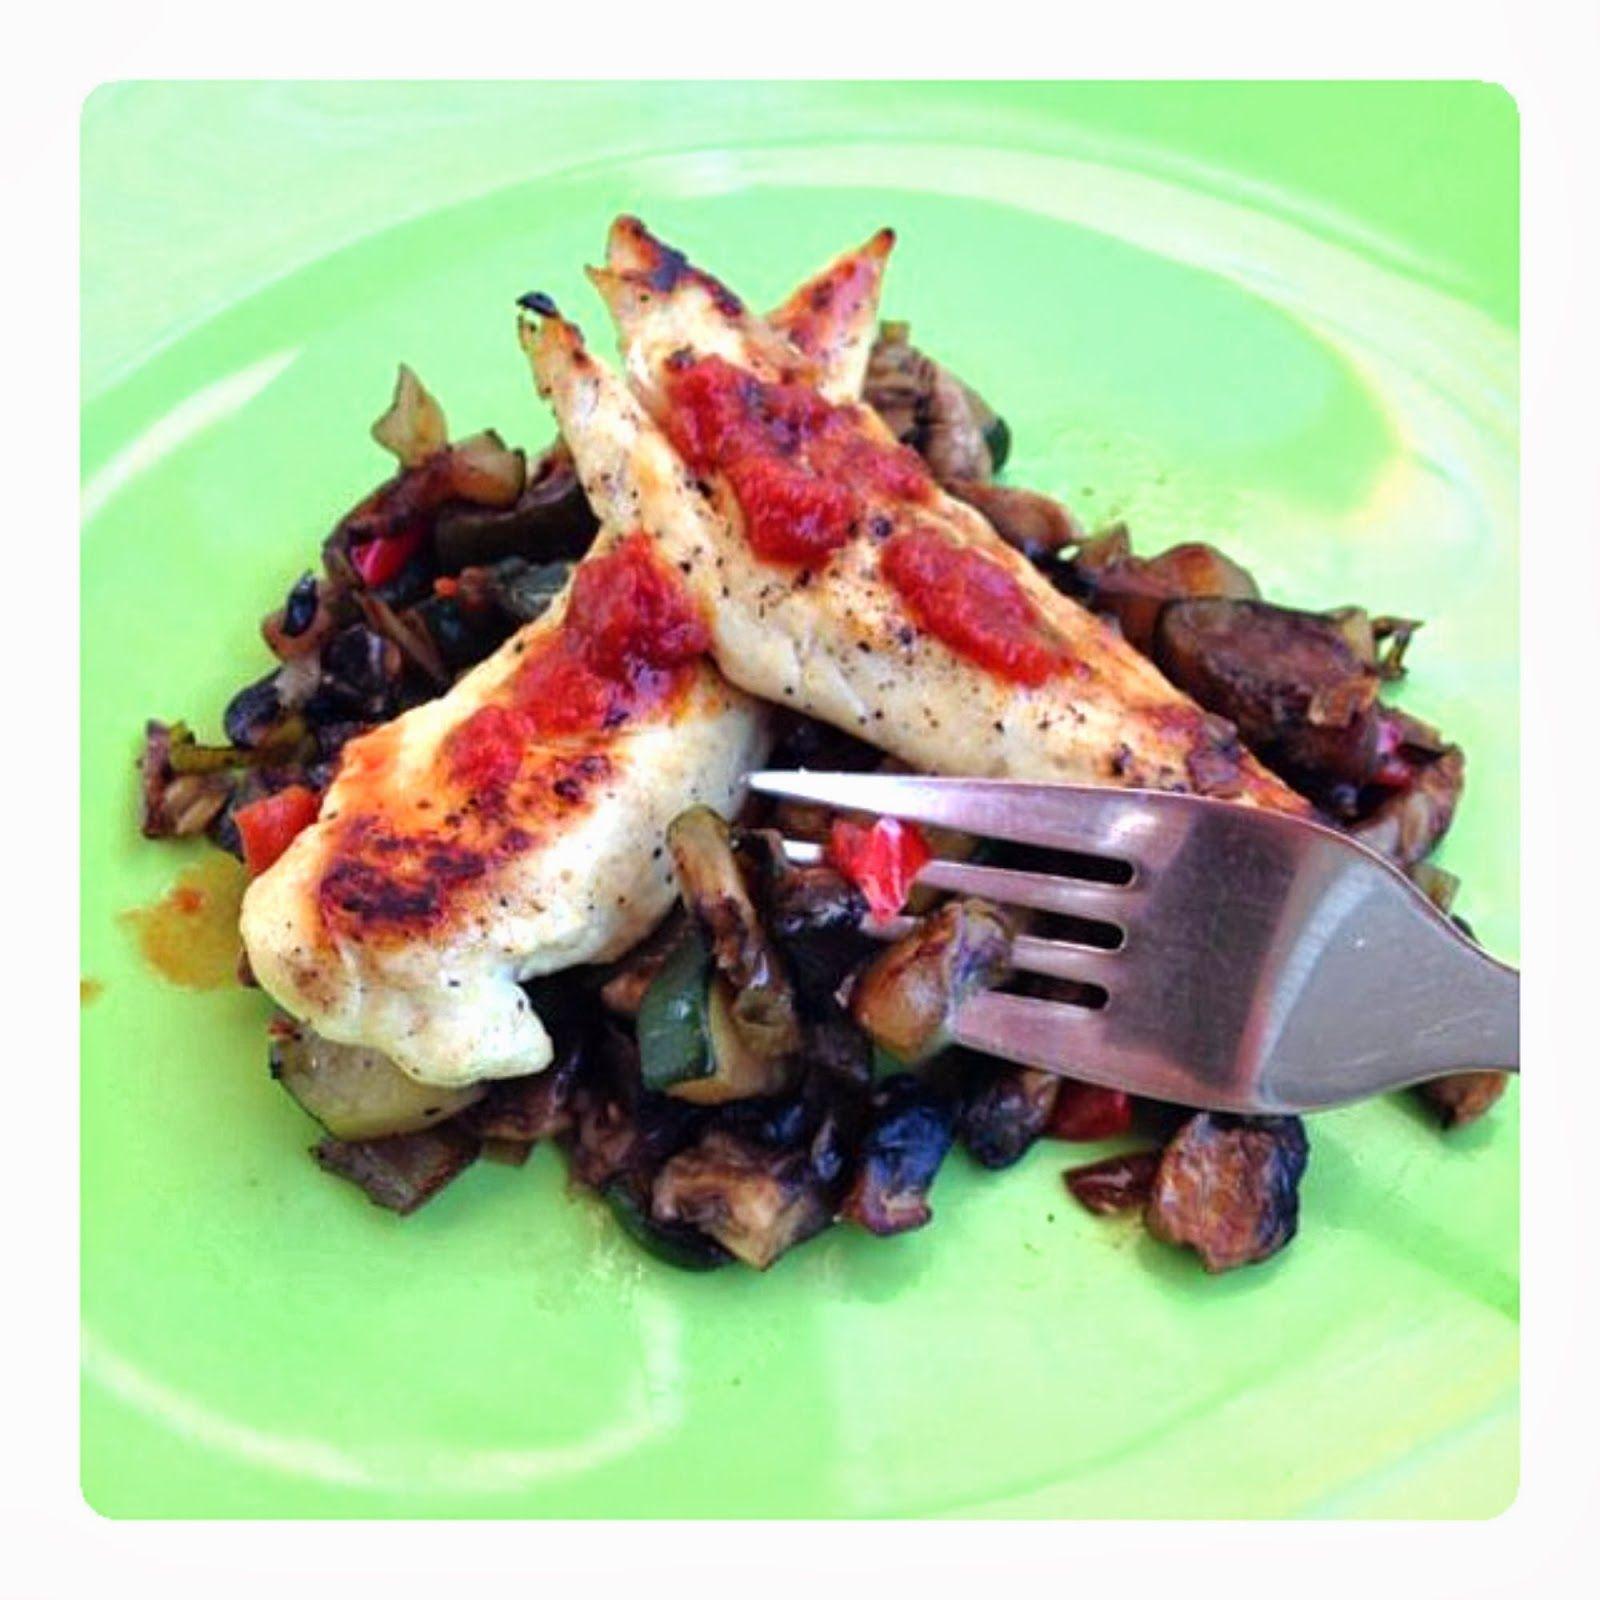 Pechuga de pollo con salsa picante y guarnición de súper verduras - La dieta ALEA - blog de nutrición y dietética, trucos para adelgazar, recetas para adelgazar